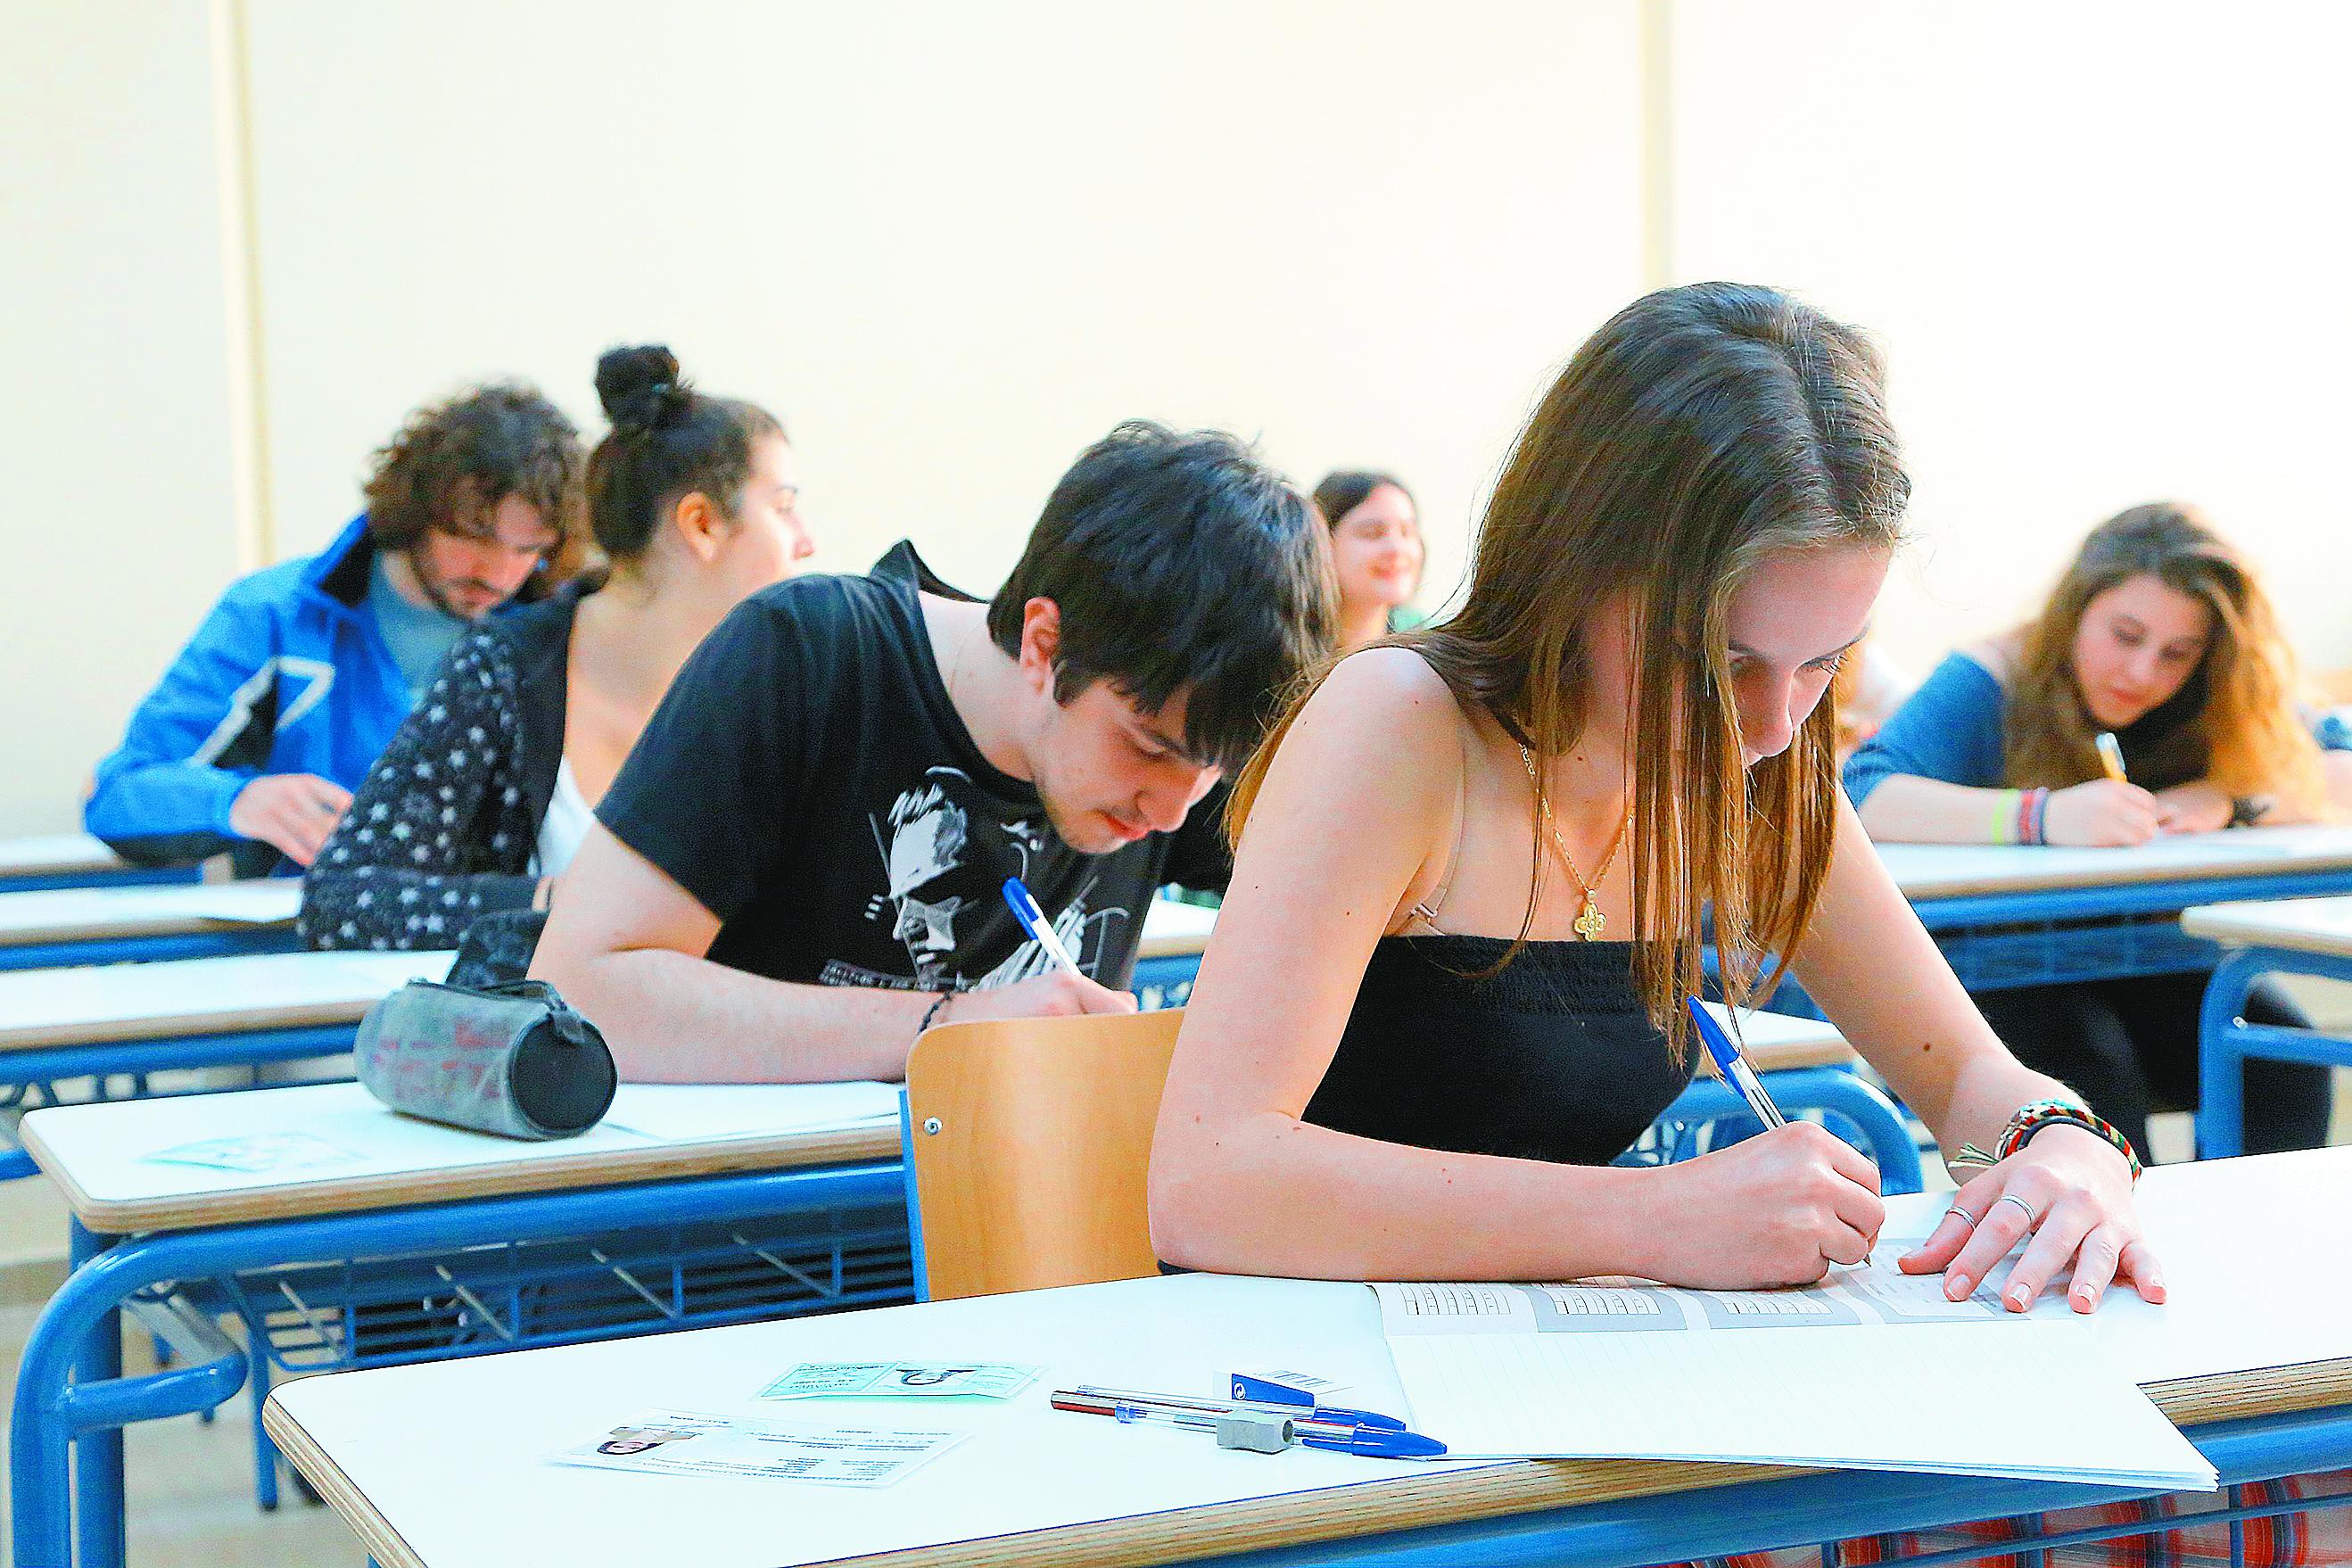 Μαθηματικά 114-117: Θέματα για τις εξετάσεις εισαγωγής στα Πειραματικά Λύκεια   tovima.gr